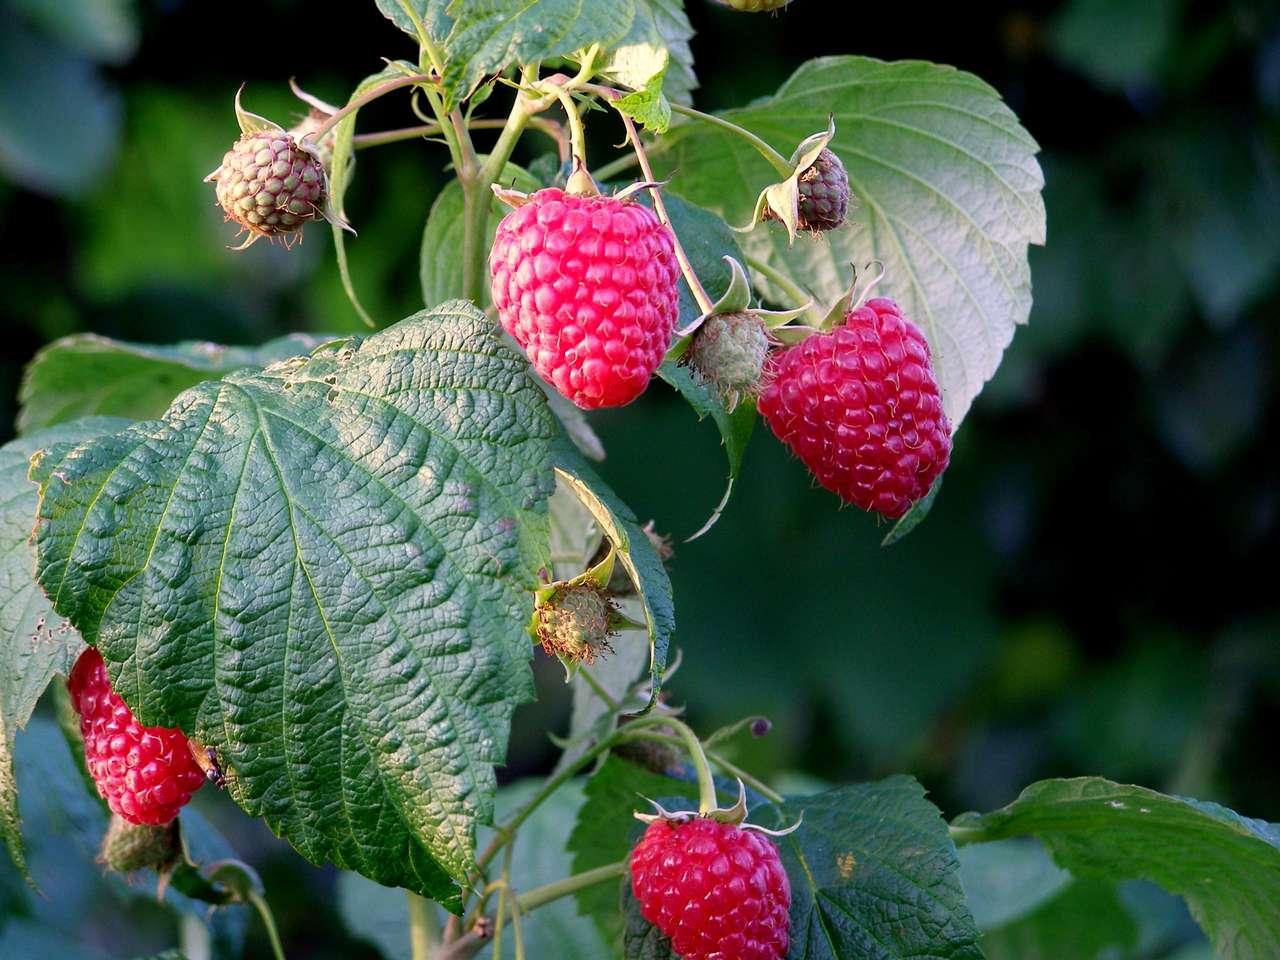 Słodkie Maliny - Słodki Malinowy jesienny raj (17×13)